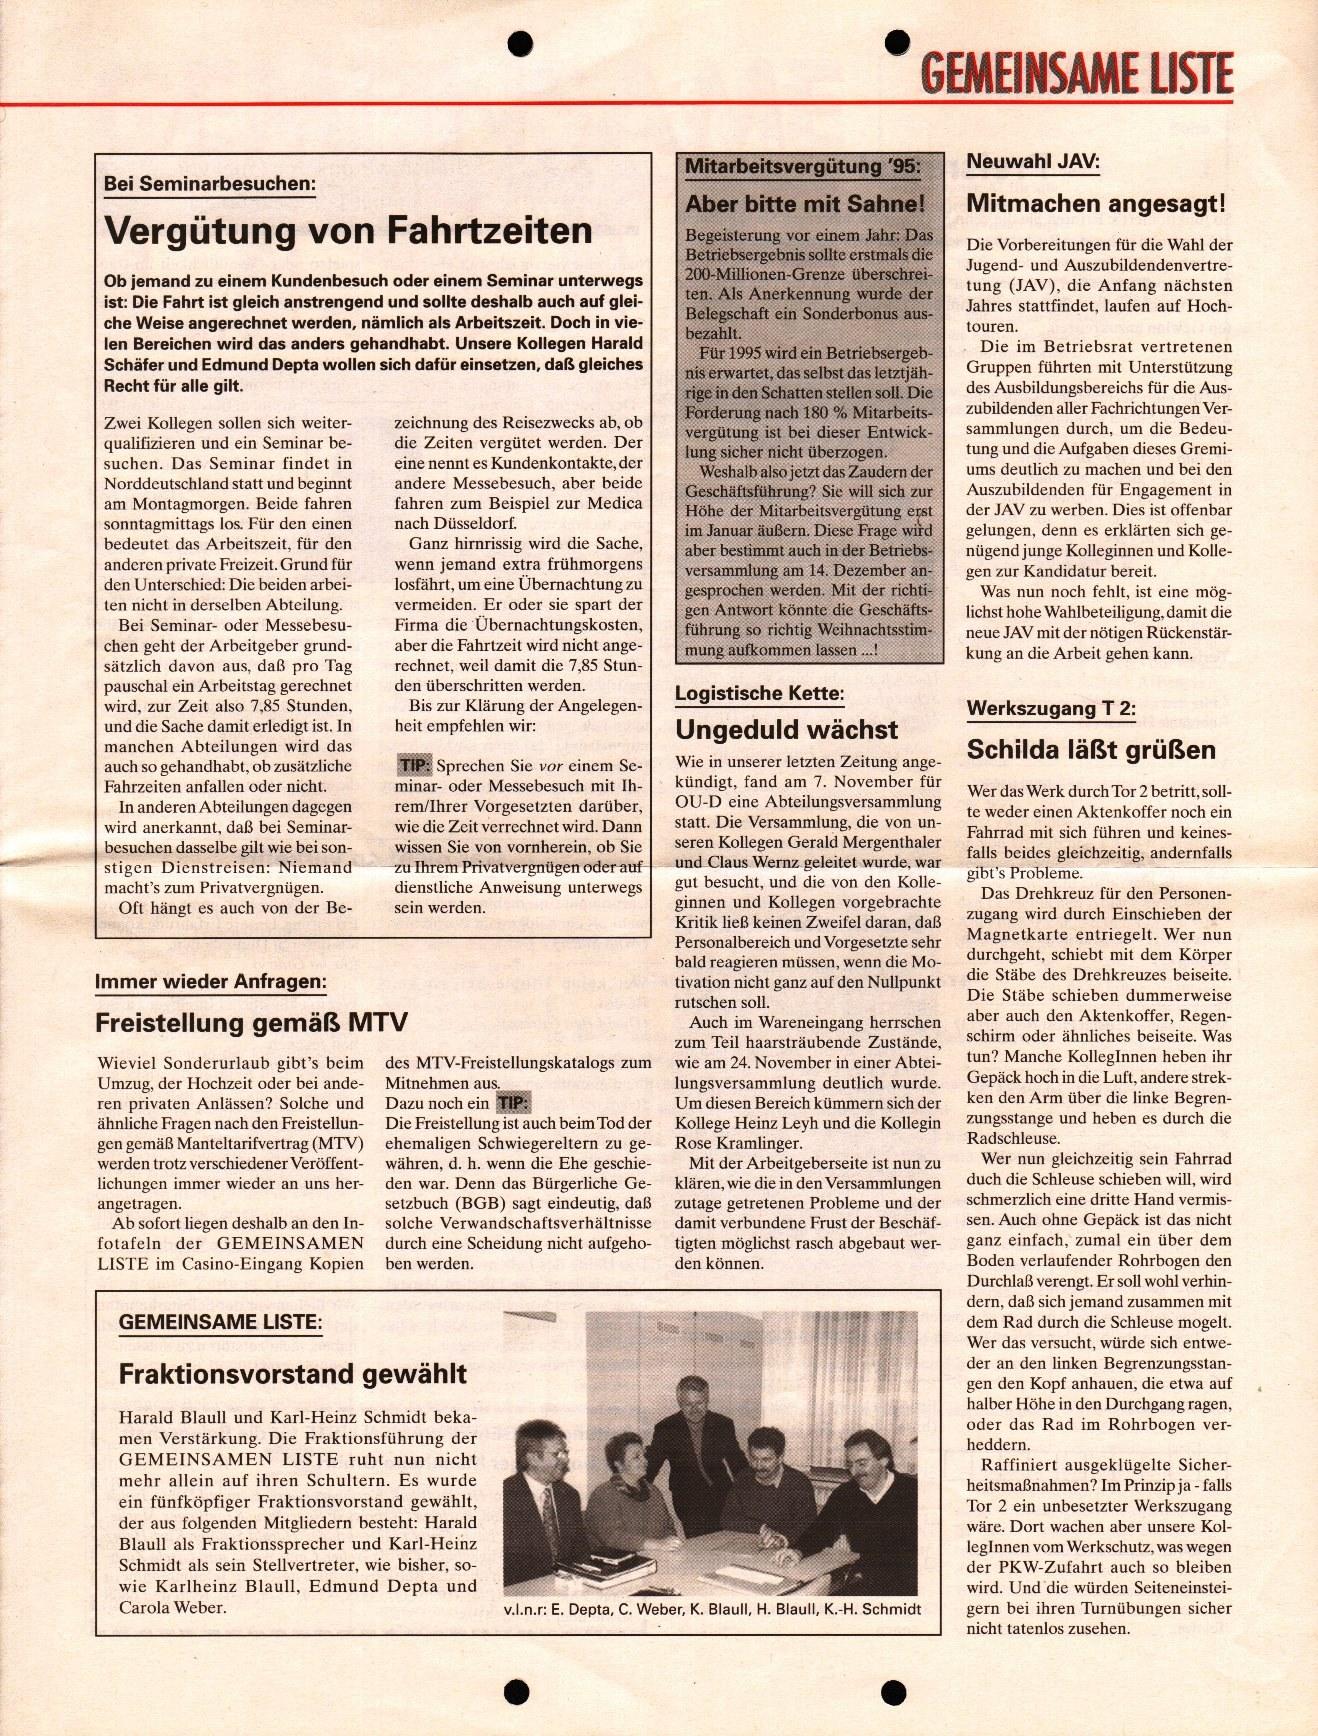 Mannheim_Boehringer_Gemeinsame_Liste_1995_04_03